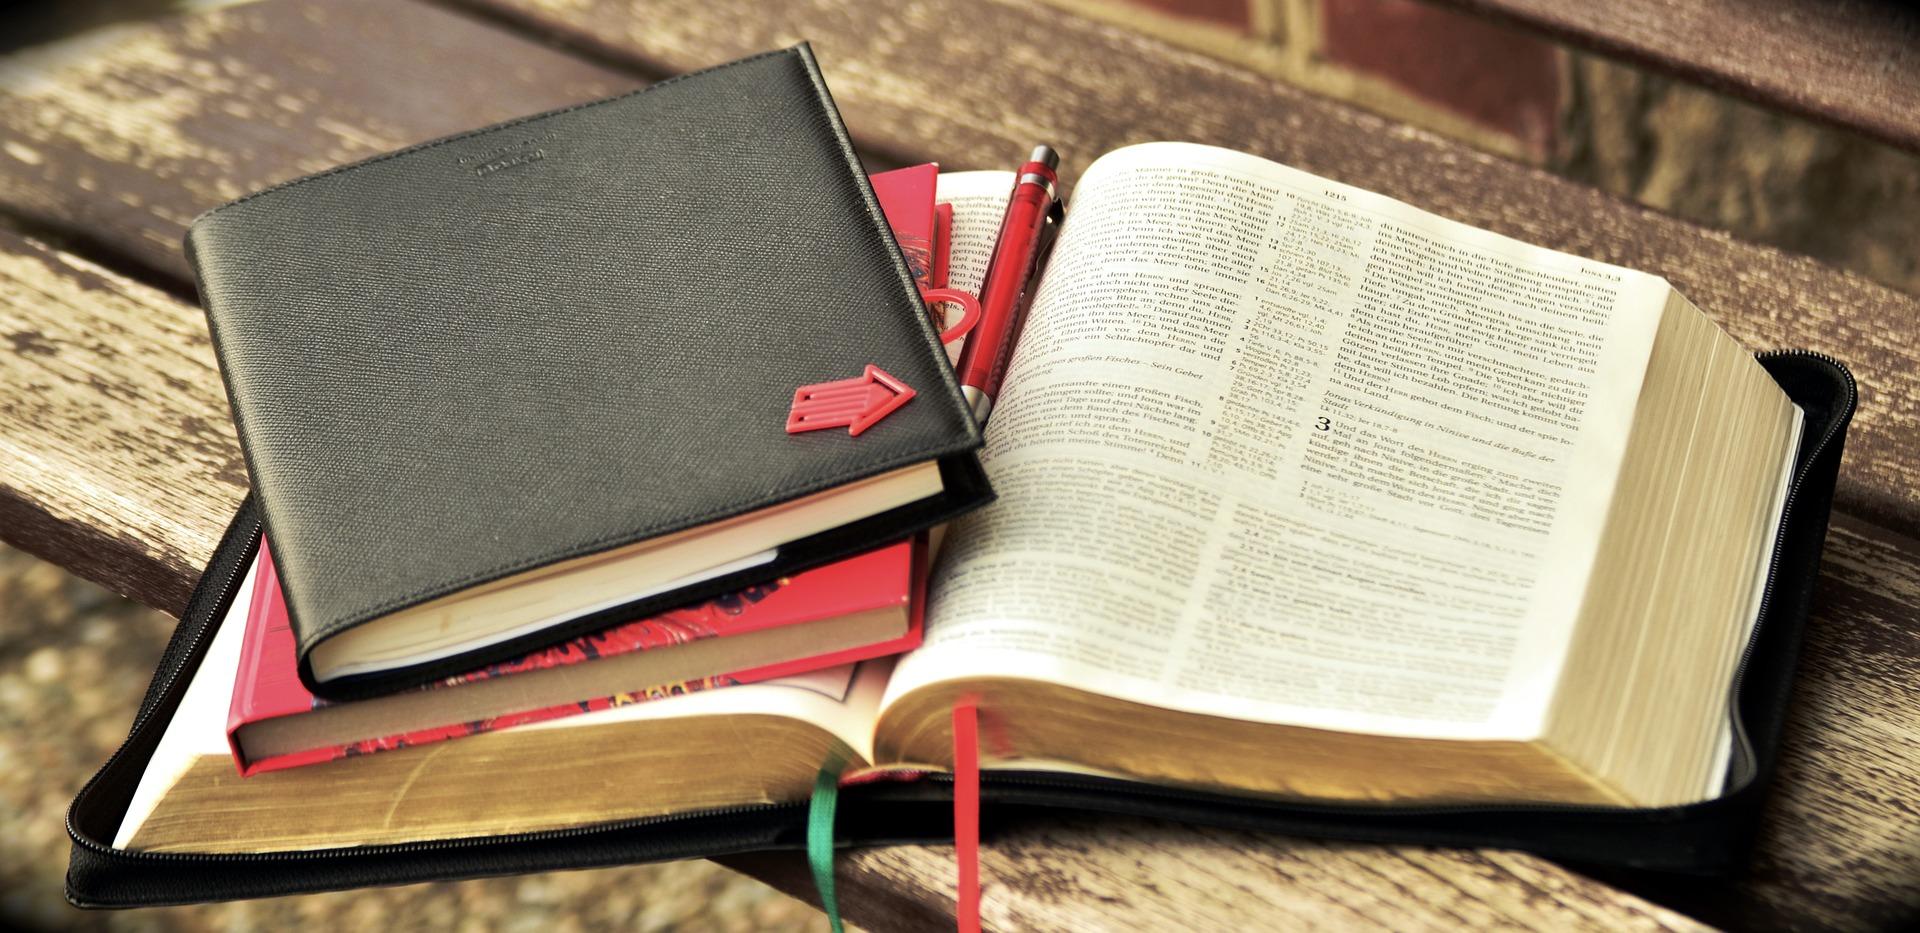 book-1156001_1920.jpg